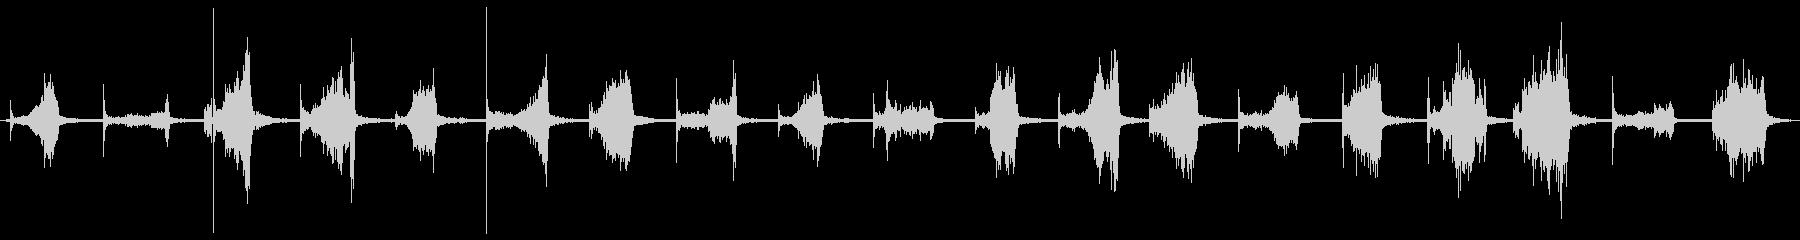 ストレートカミソリ:革または石のシ...の未再生の波形